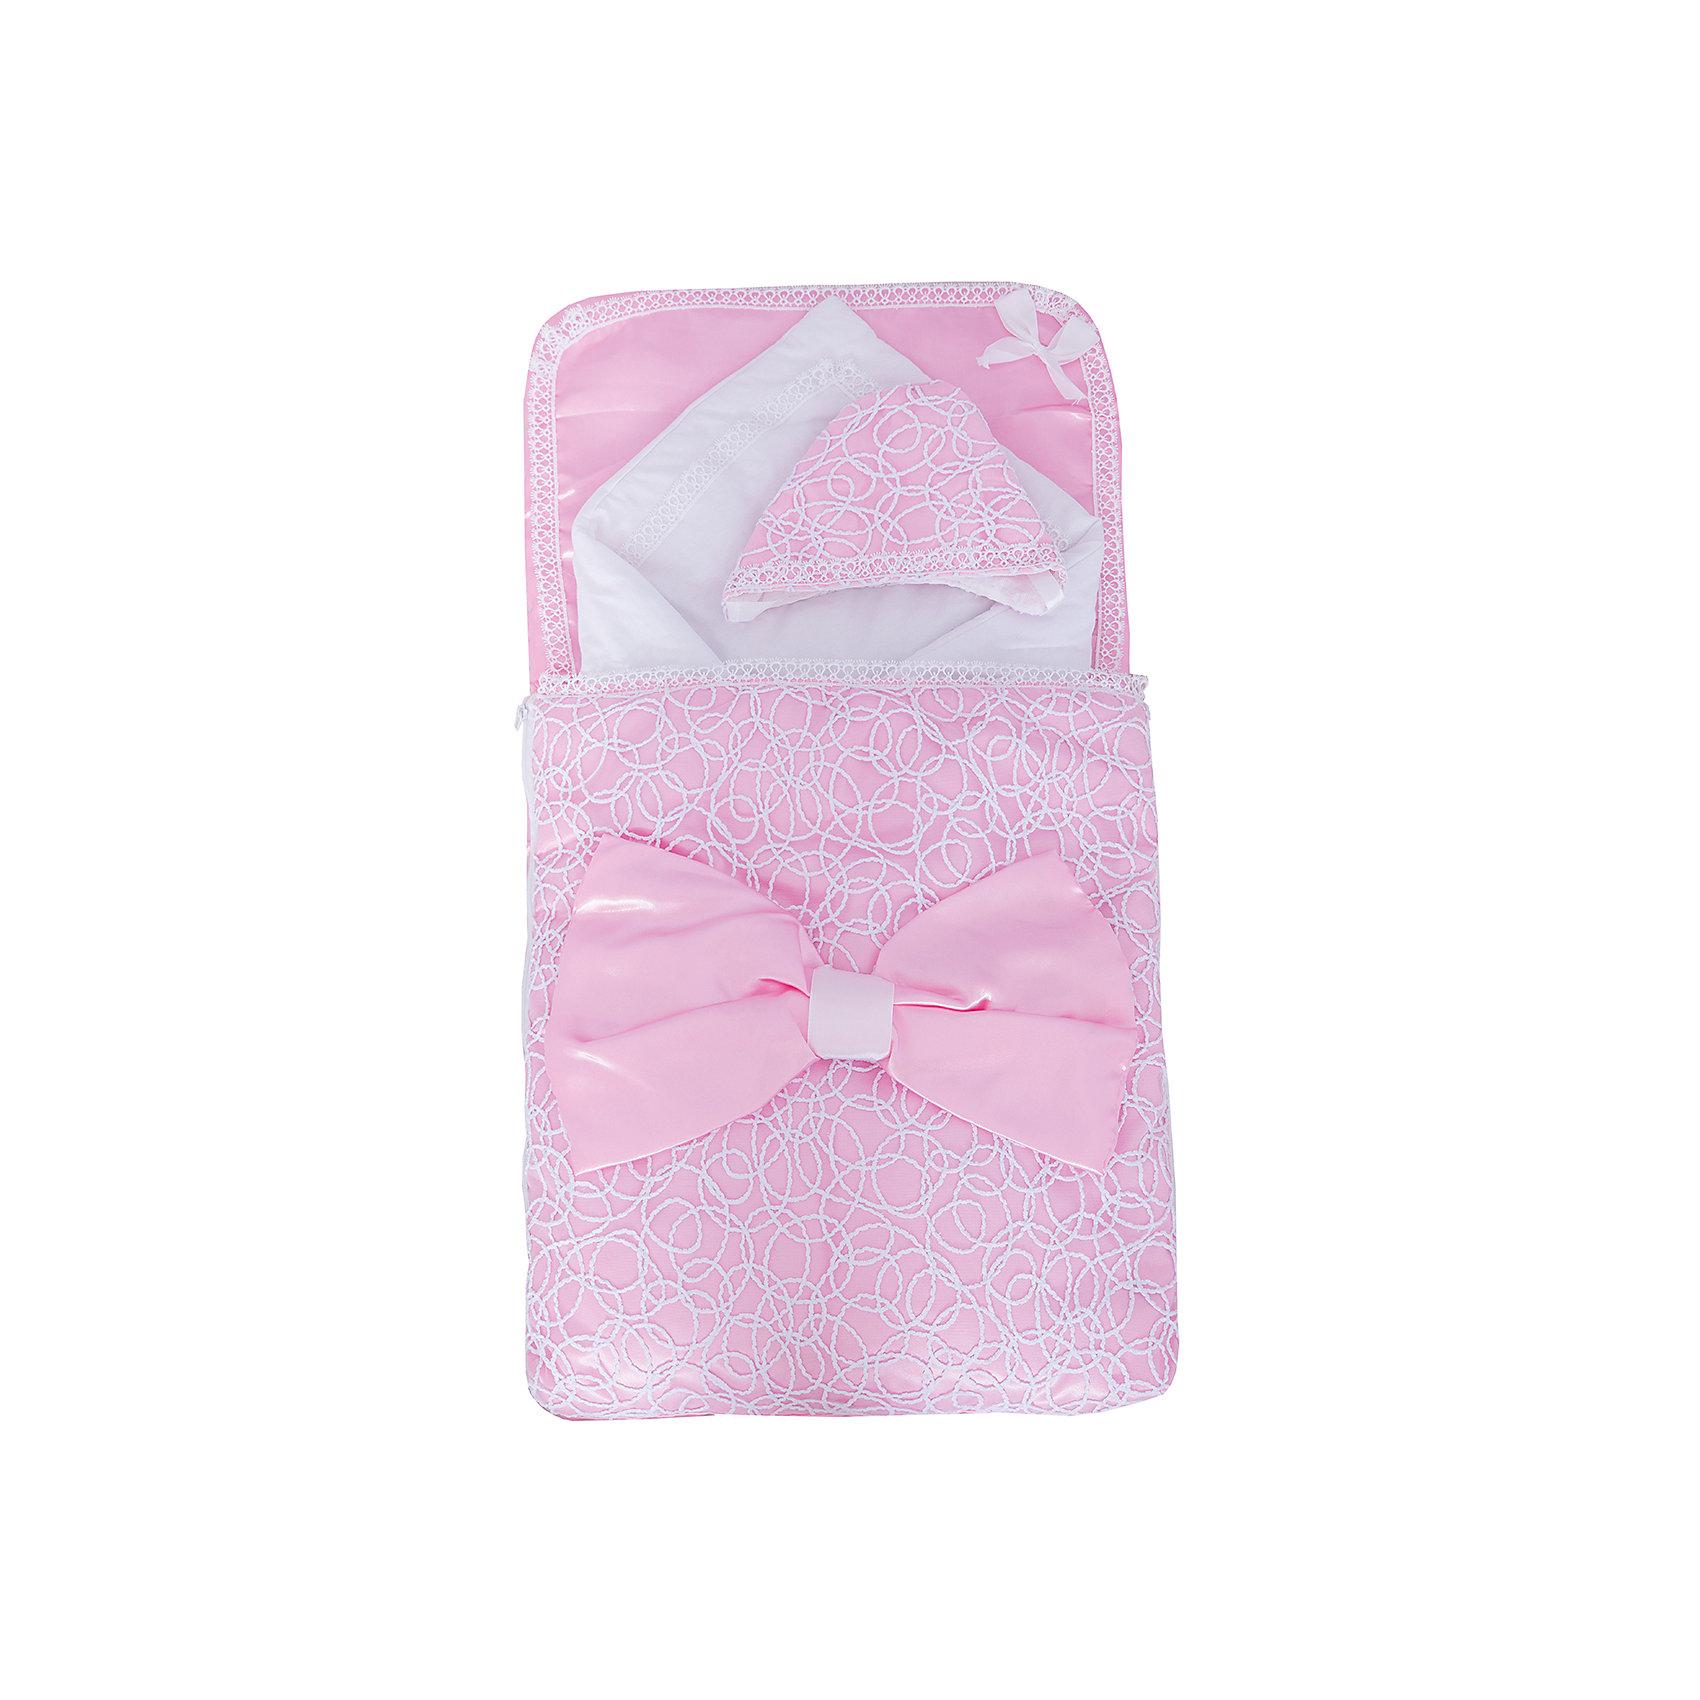 Комплект на выписку 3 пред. АЖУР, Арго, розовыйМомент выписки мамы с ребенком из роддома - один из самых трогательных. Сделать его более торжественным поможет красивый комплект для выписки. Он состоит из трех предметов: два одеяла и нарядная шапочка.<br>Одно одеяло сшито из красивого атласа, на мягкой хлопчатобумажной подкладке. Оно декорировано ажурной органзой и декоративным бантом. Второе одеяло - из хлопкового трикотажа. Материалы подобраны специально для новорожденных. Они гипоаллергенны, пропускают воздух, не вызывают раздражения.<br><br>Дополнительная информация:<br><br>цвет: розовый;<br>материал: атлас, ажурная органза, трикотаж - 100% хлопок;<br>комплектация: 2 одеяла, шапочка;<br>размеры одеял: 45х80 и 90х90 см;<br>возраст: 0-6 месяцев.<br><br>Комплект на выписку 3 пред. АЖУР, розовый, от компании Арго можно купить в нашем магазине.<br><br>Ширина мм: 900<br>Глубина мм: 500<br>Высота мм: 150<br>Вес г: 500<br>Возраст от месяцев: 0<br>Возраст до месяцев: 6<br>Пол: Унисекс<br>Возраст: Детский<br>SKU: 4720103